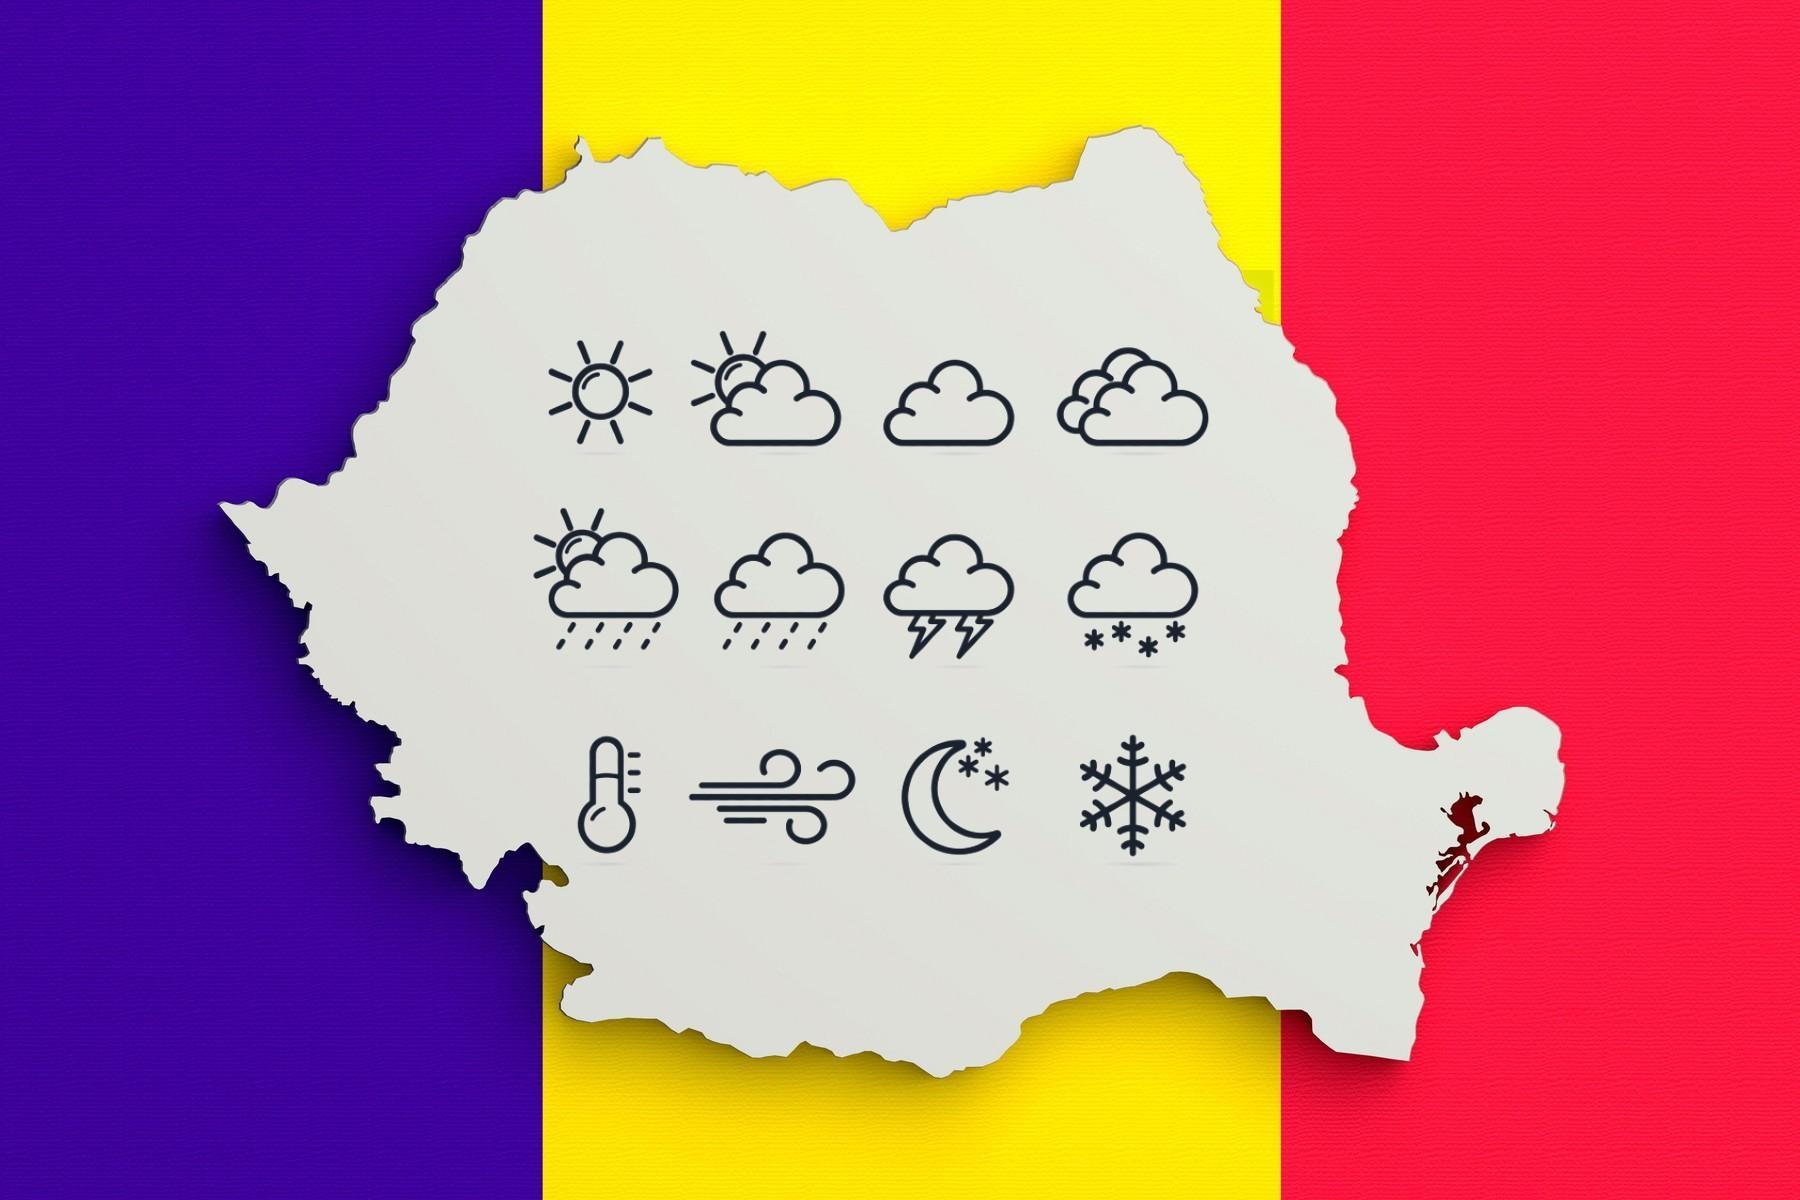 Prognoza meteo 23 noiembrie 2020. Cum e vremea în România și care sunt previziunile ANM pentru astăzi